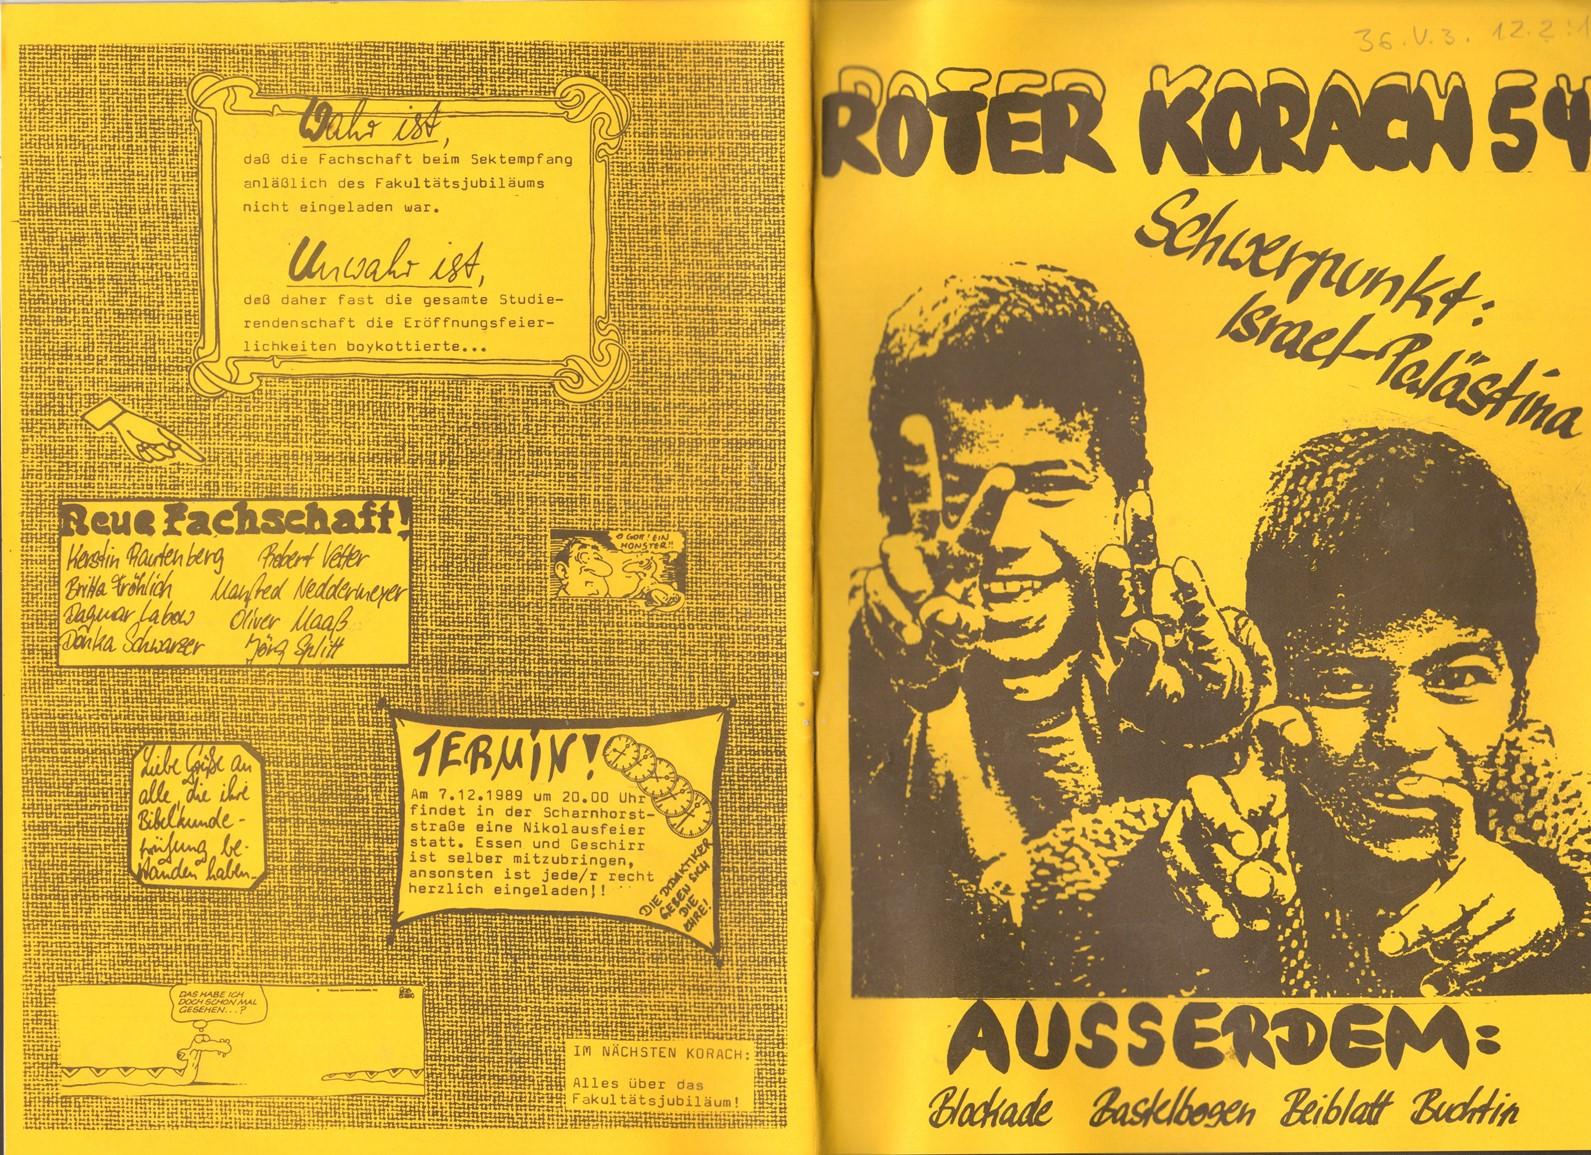 Muenster_Roter_Korach_19891100_01